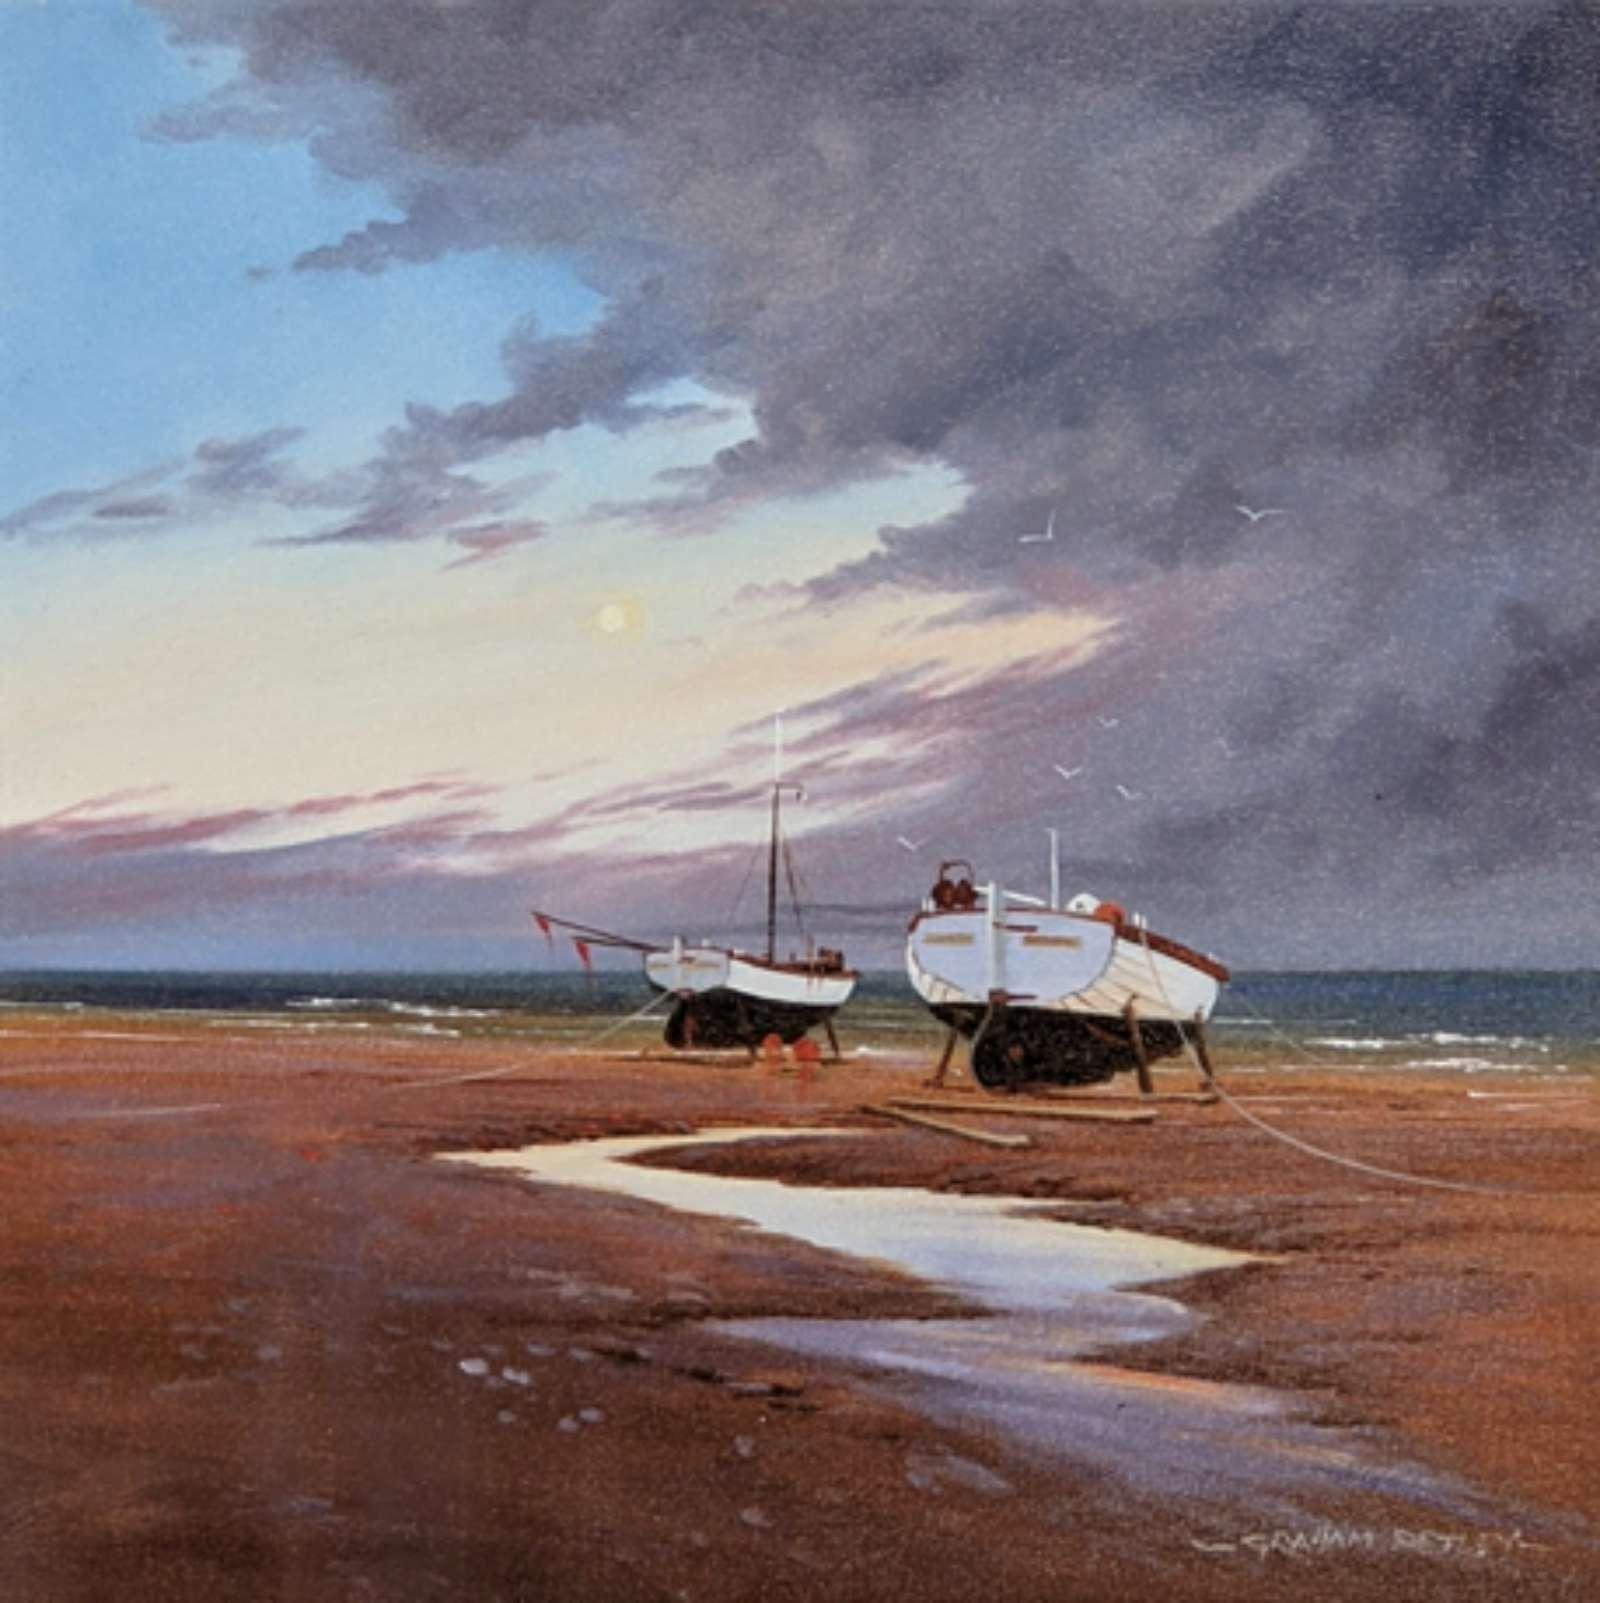 Graham Petley